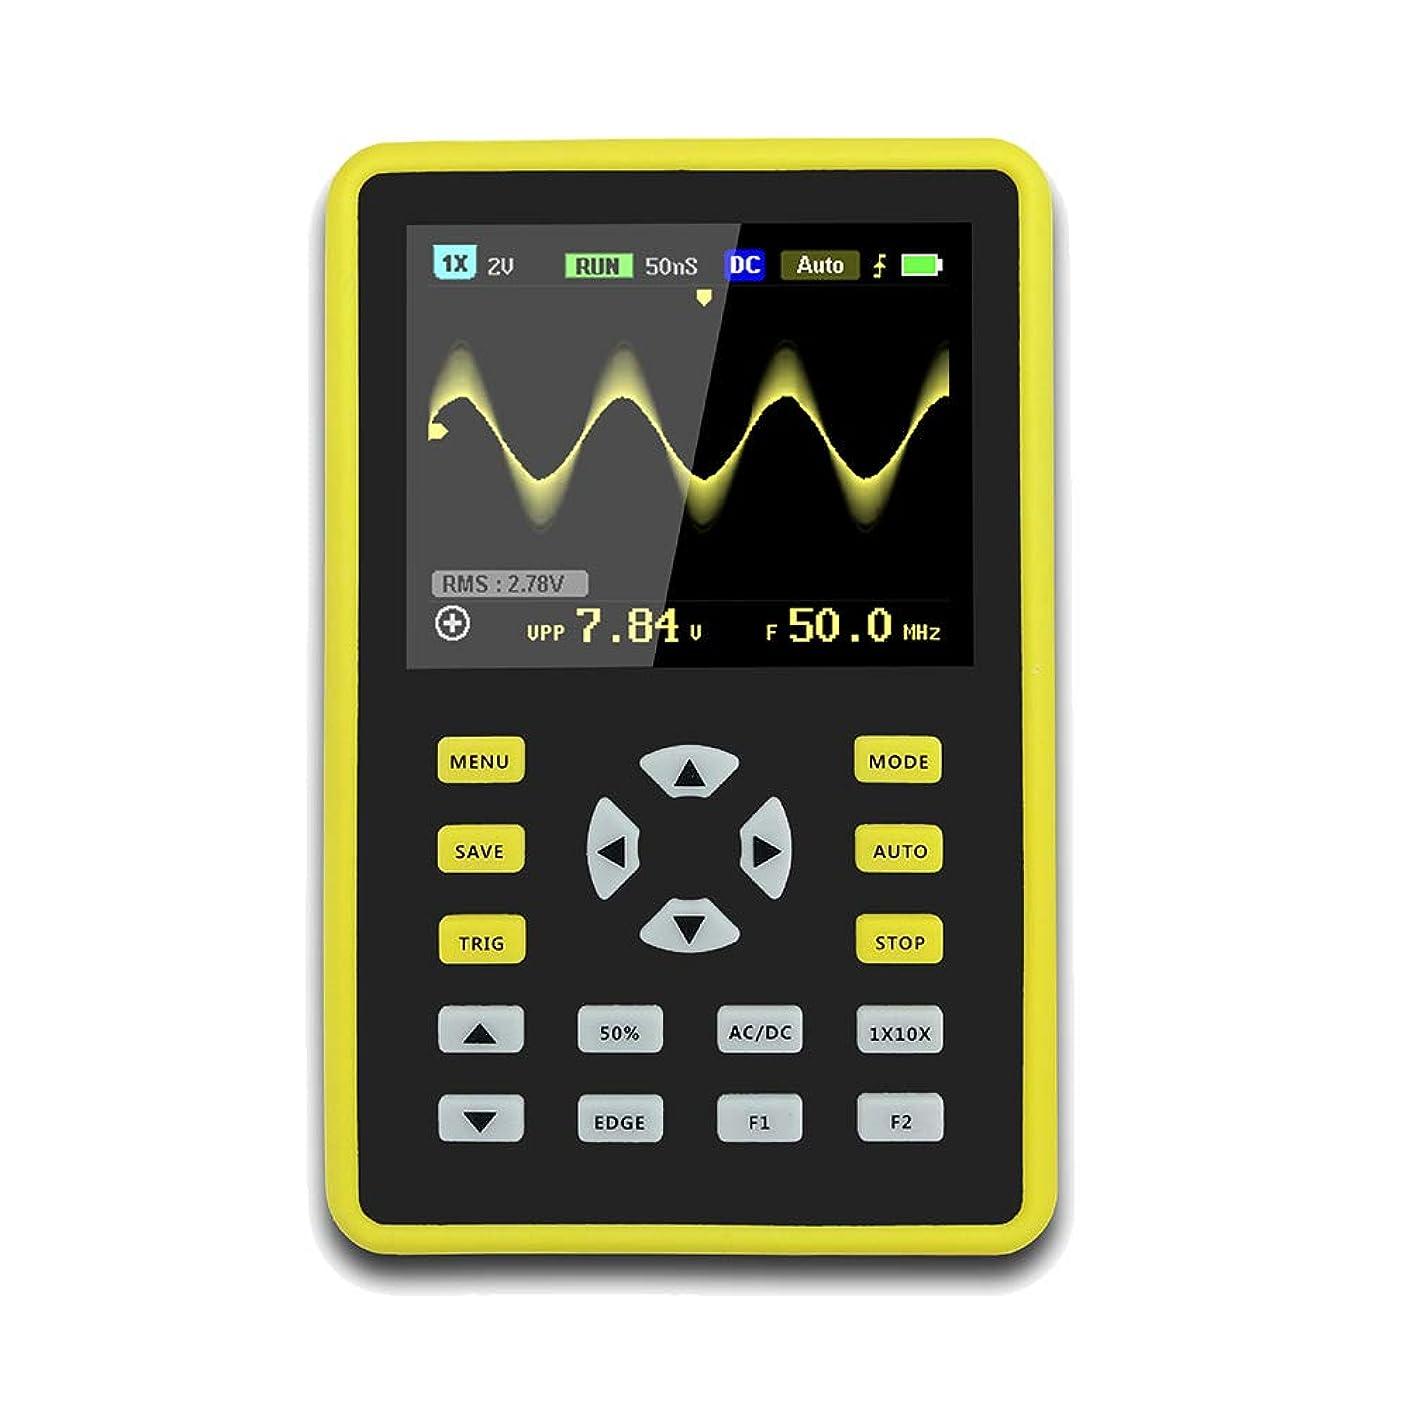 フラッシュのように素早く受け入れた断線Xlp ?手持ち型デジタル小型オシロスコープ2.4インチ500 MS/s IPS LCD表示スクリーンの携帯用